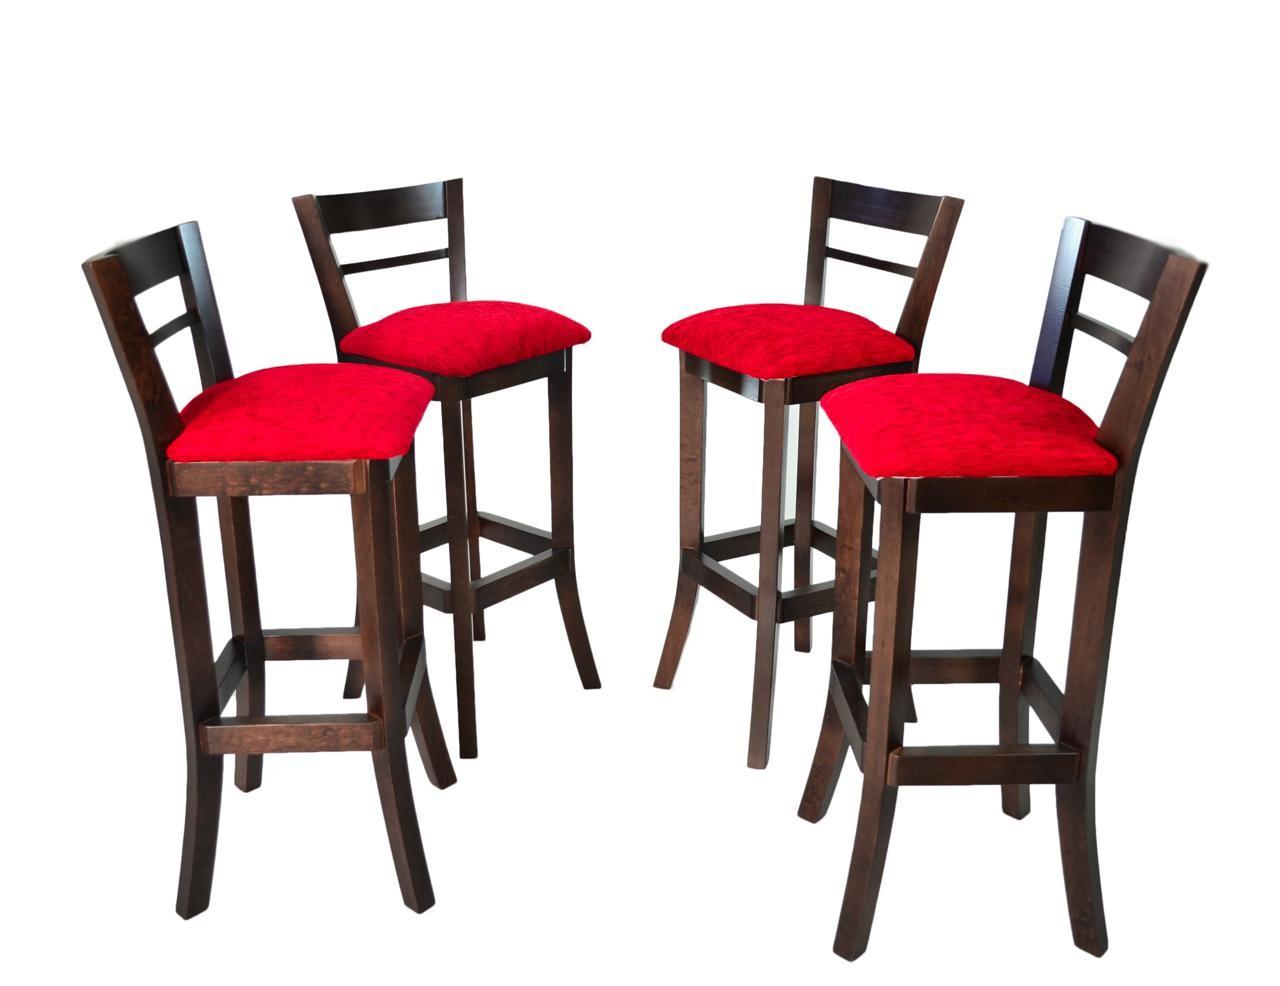 Banqueta Alta com Encosto em madeira maciça com verniz Capuccino e  #CA0123 1280x986